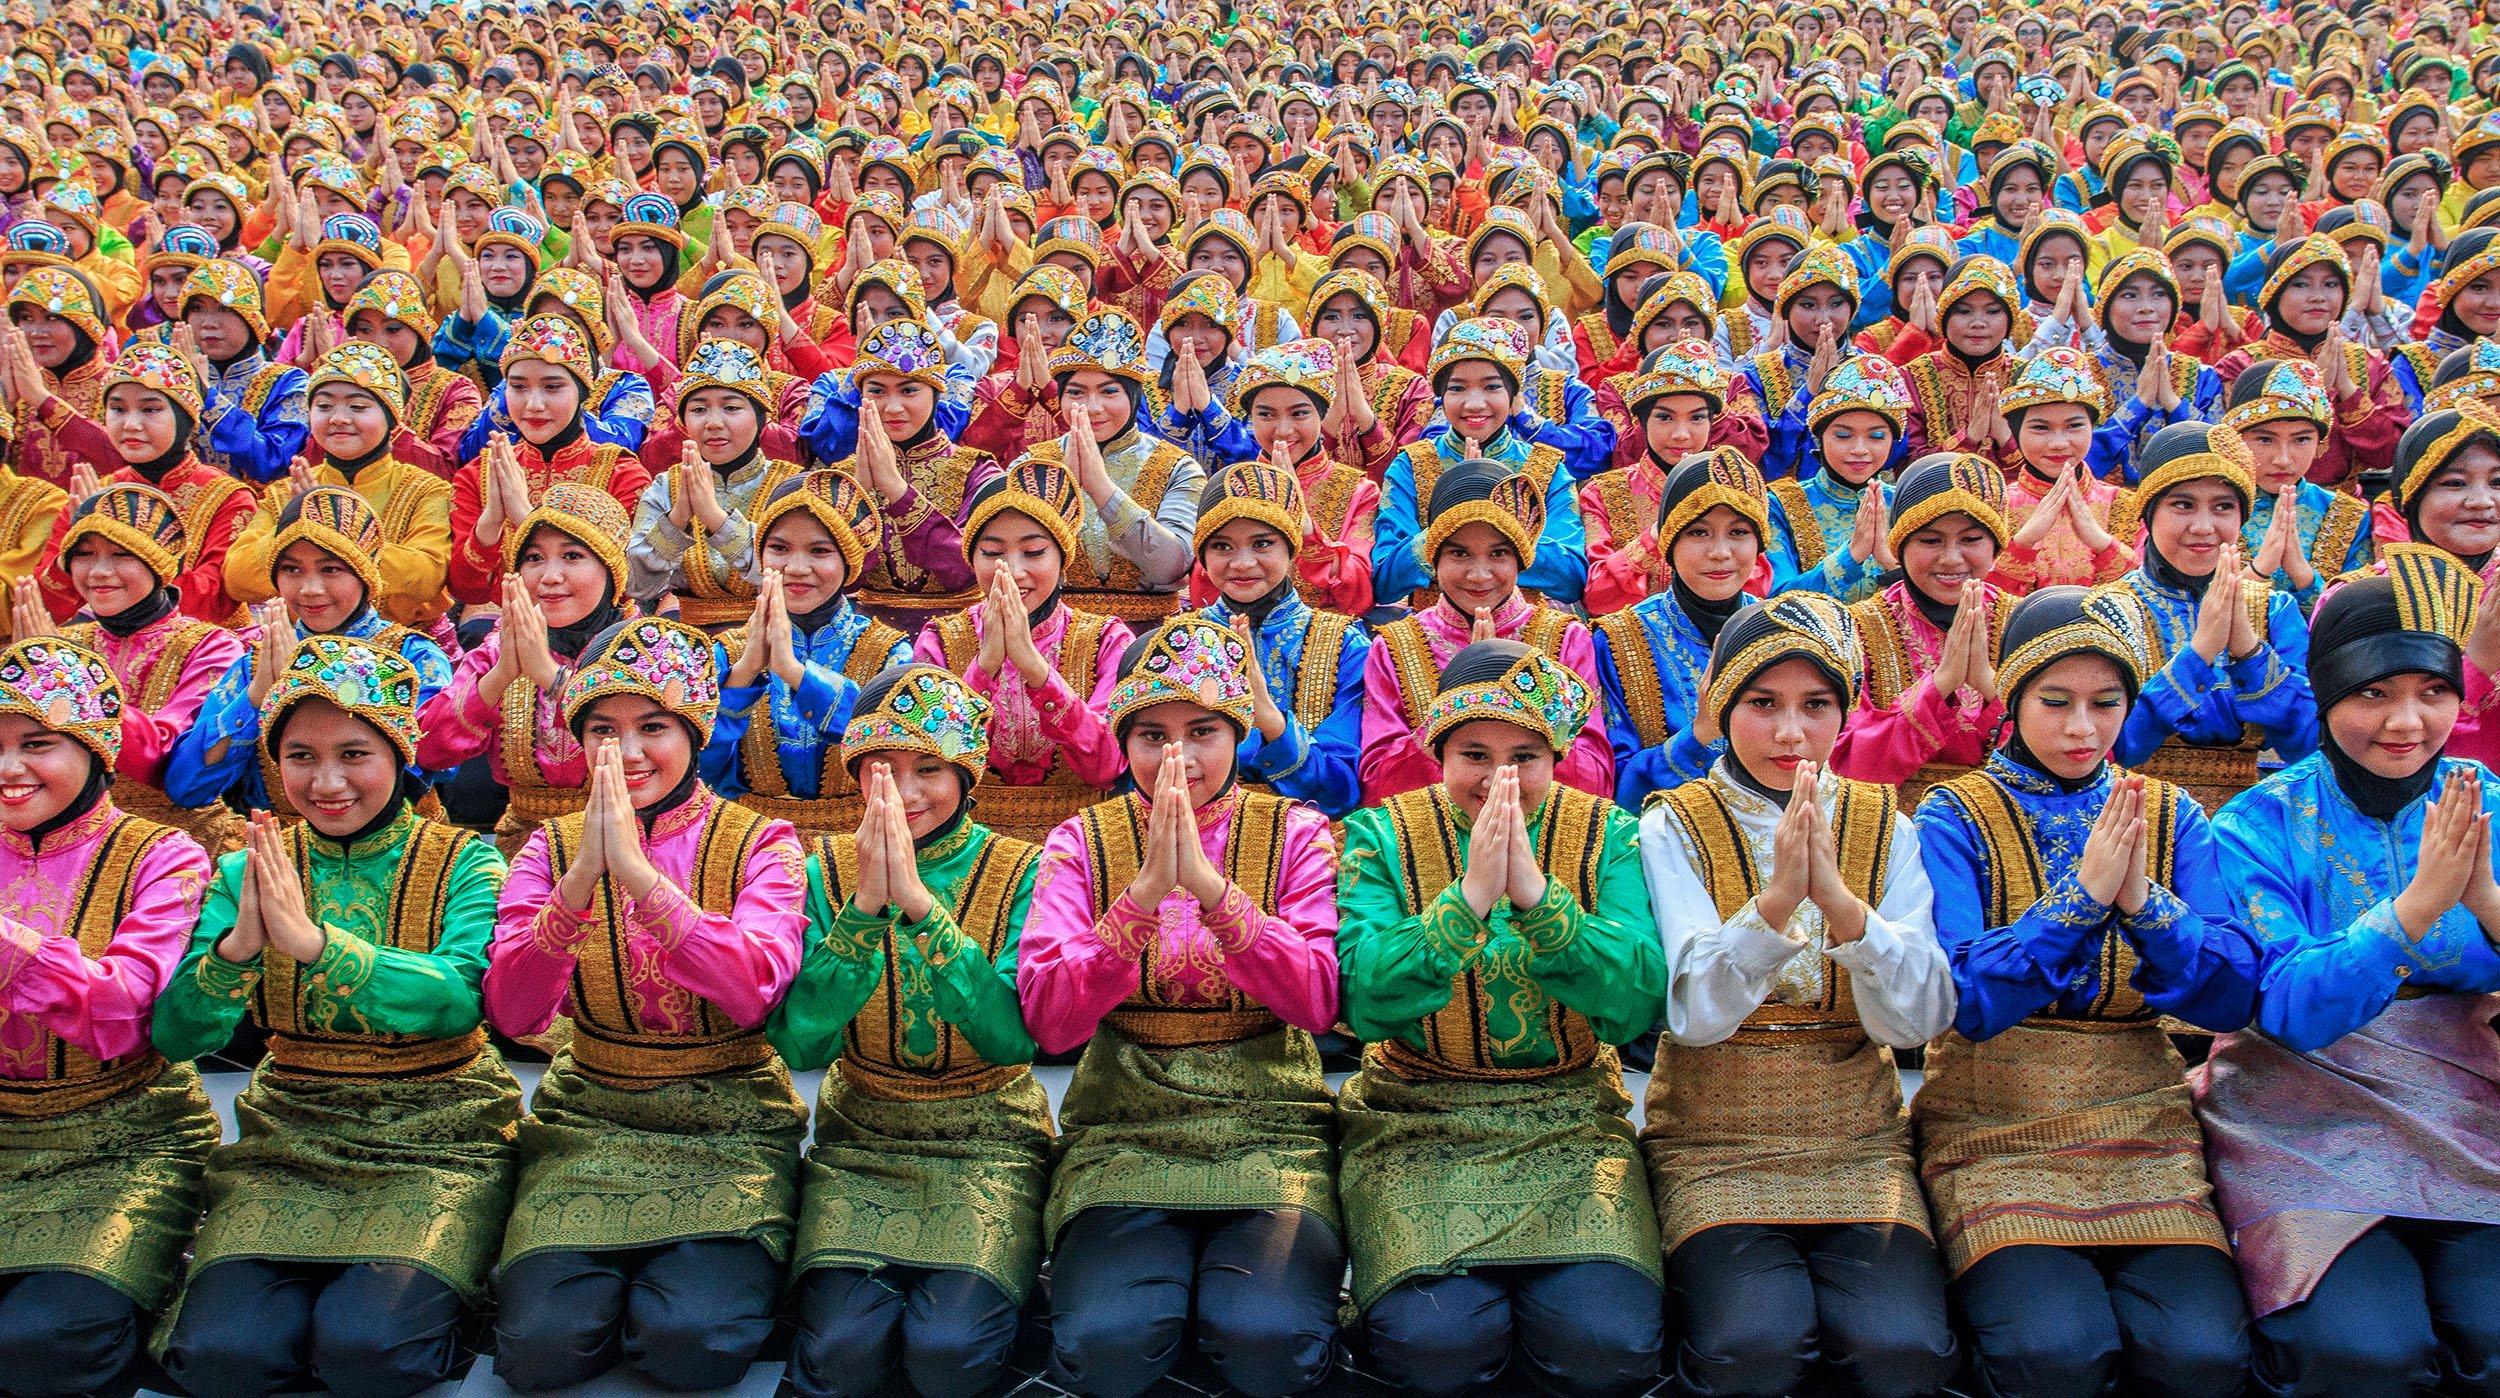 Donne in preghiera a un festival, fotografie a colori